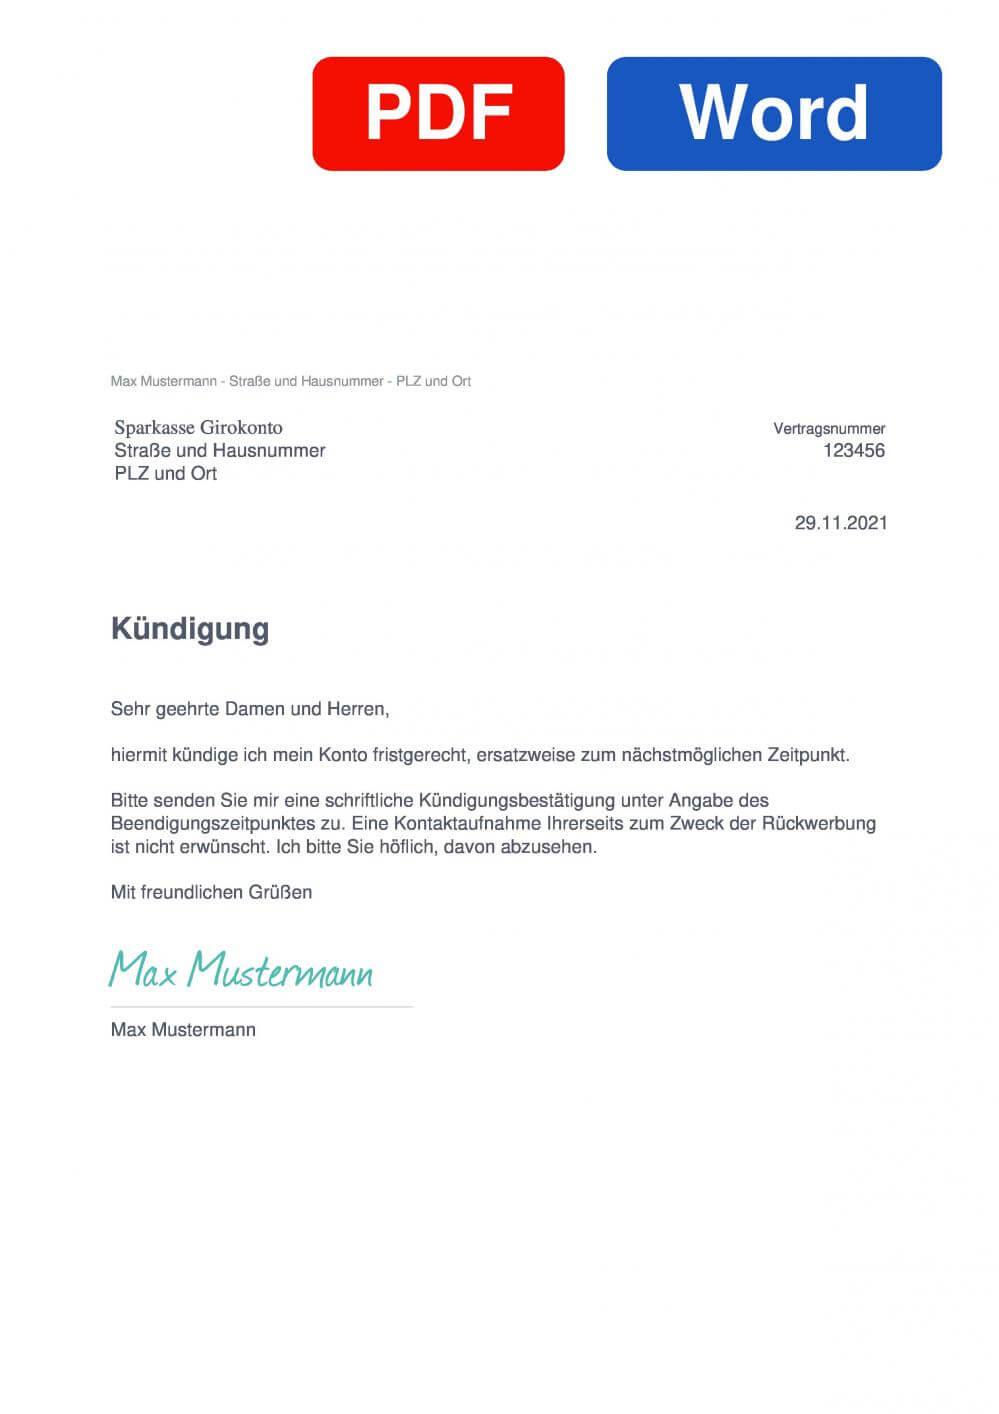 Sparkasse Girokonto Muster Vorlage für Kündigungsschreiben